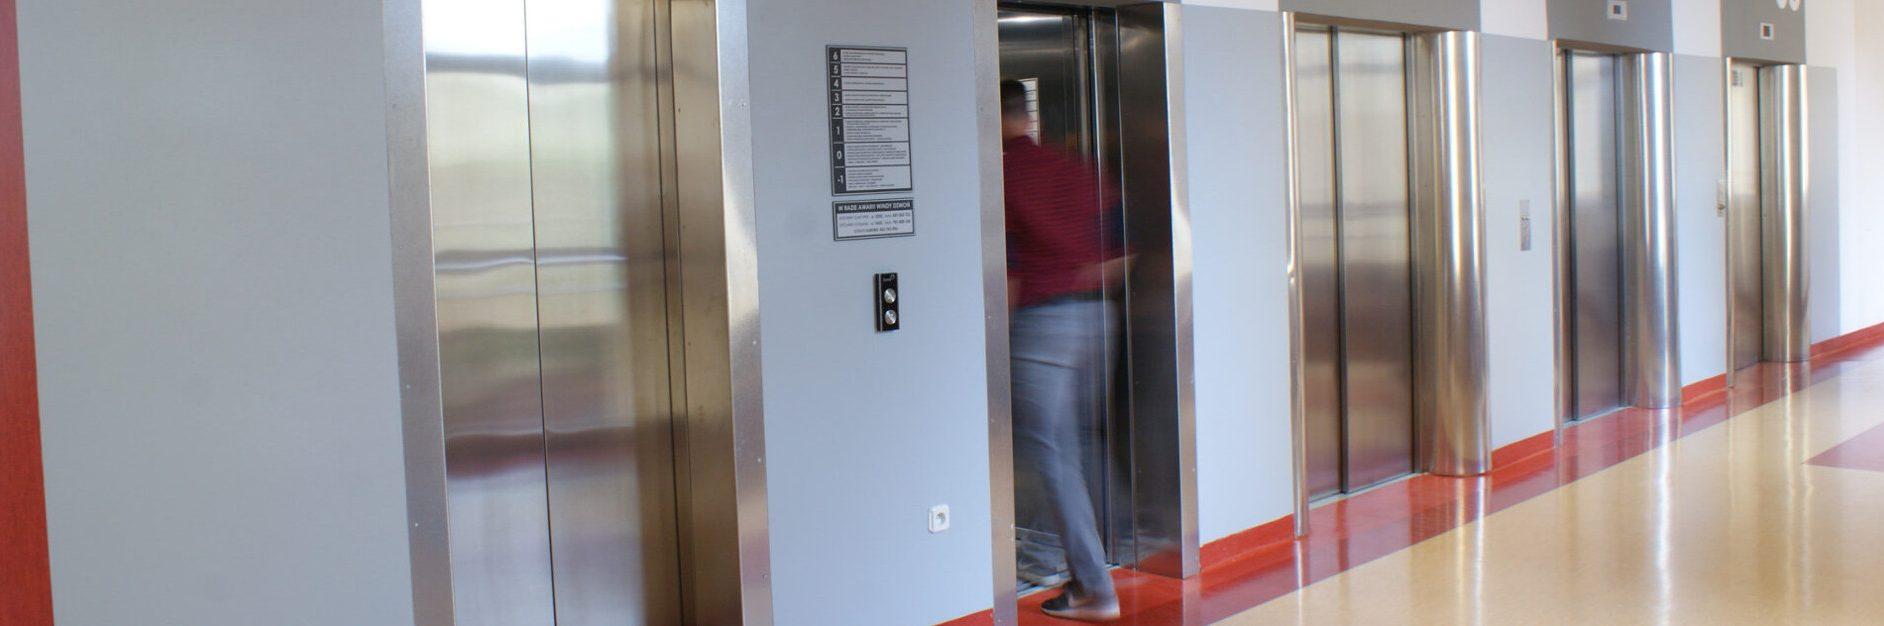 Dźwigi osobowe, windy w szpitalu